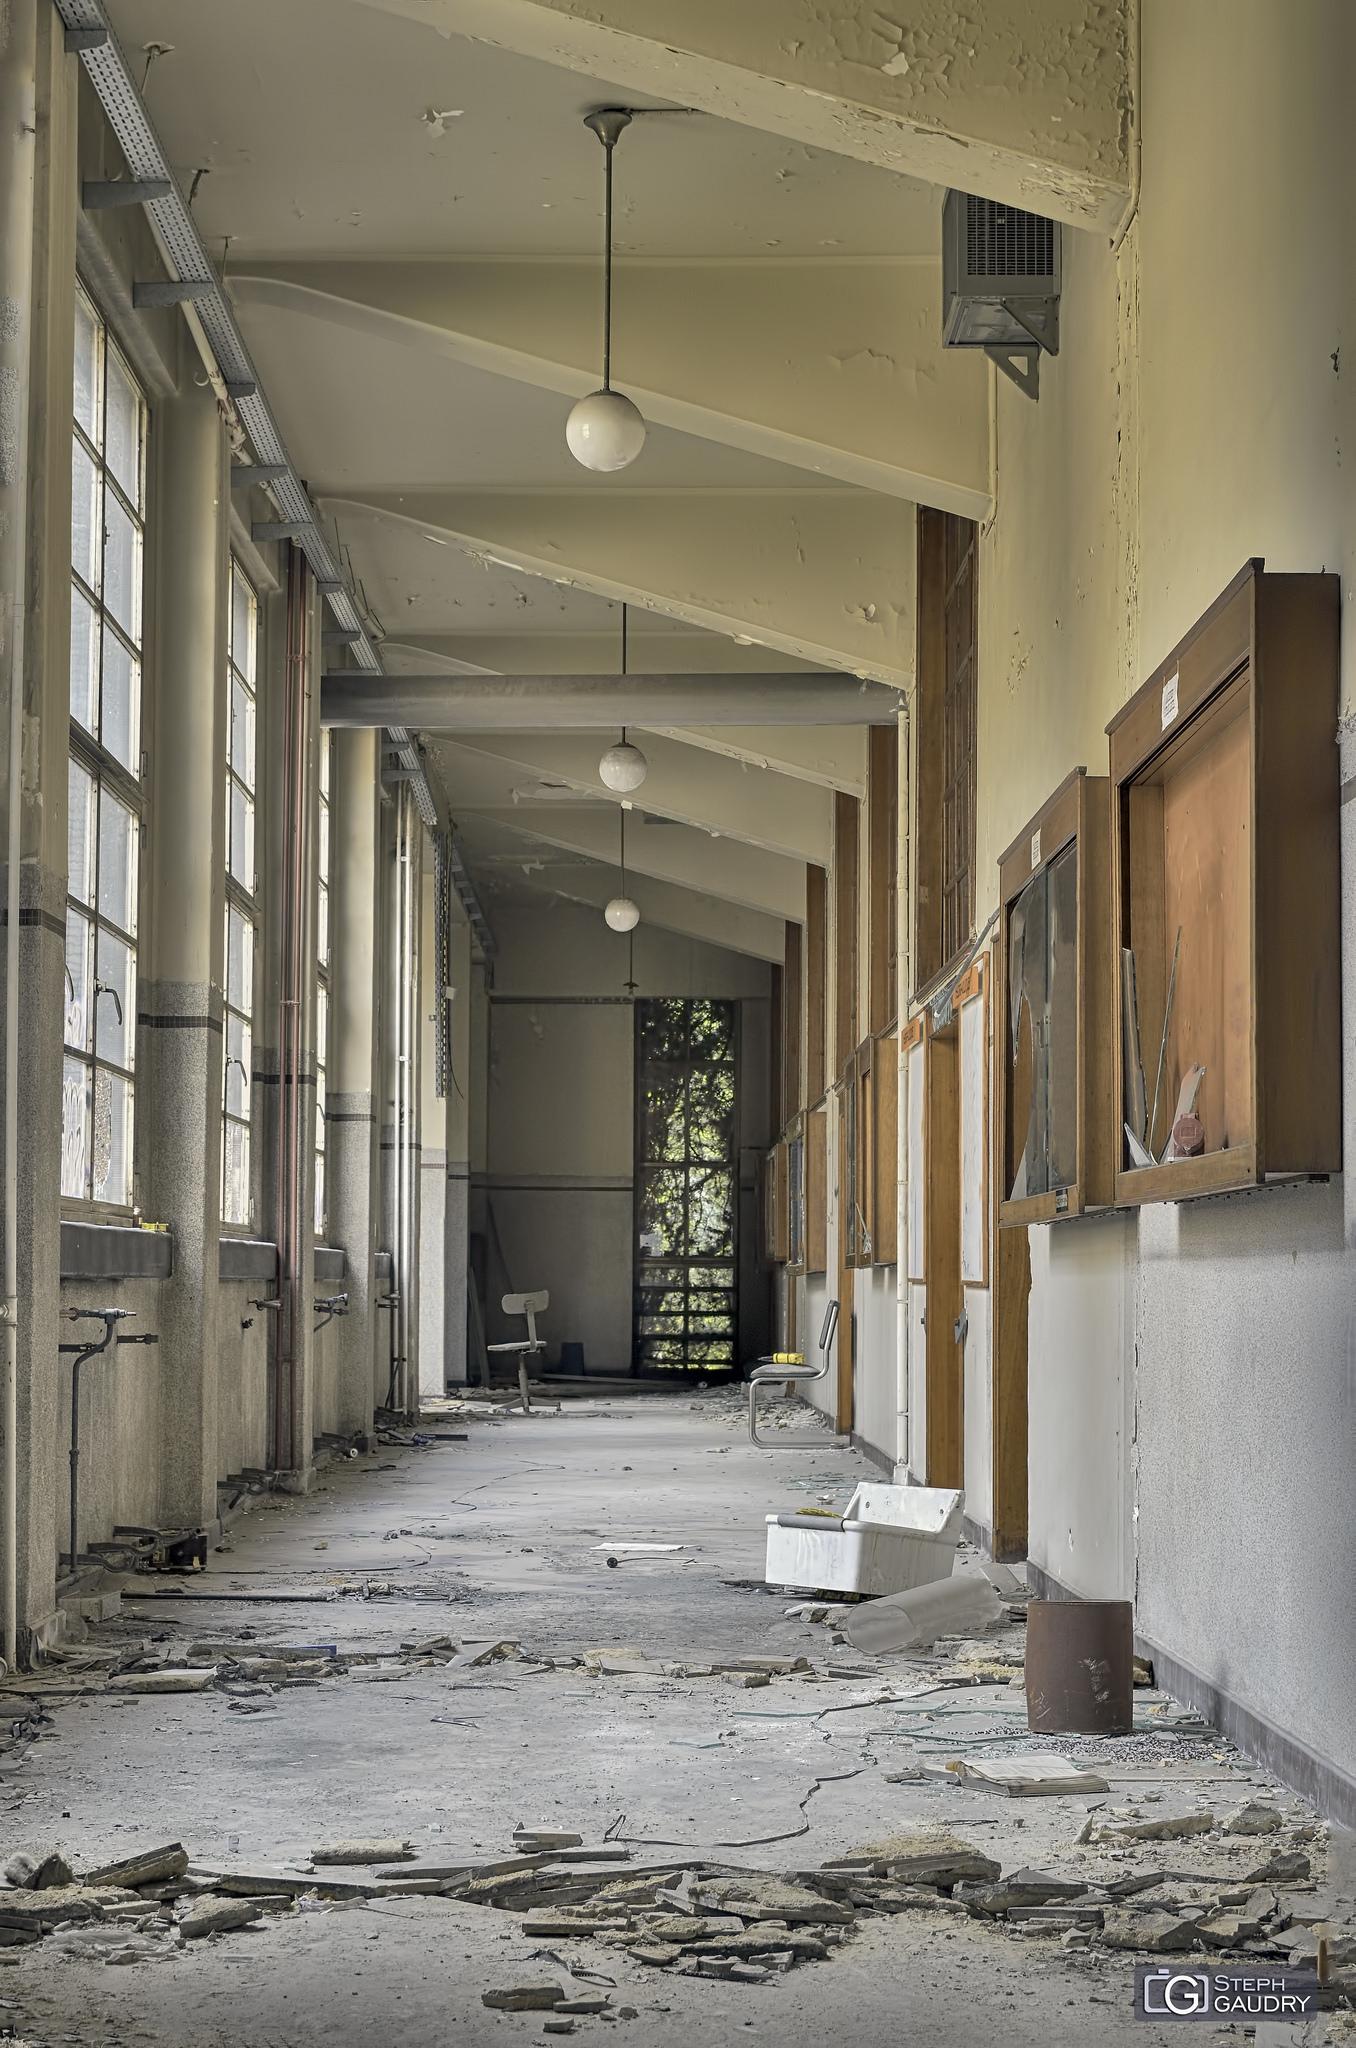 Institut de mécanique - couloir décrépi [Click to start slideshow]